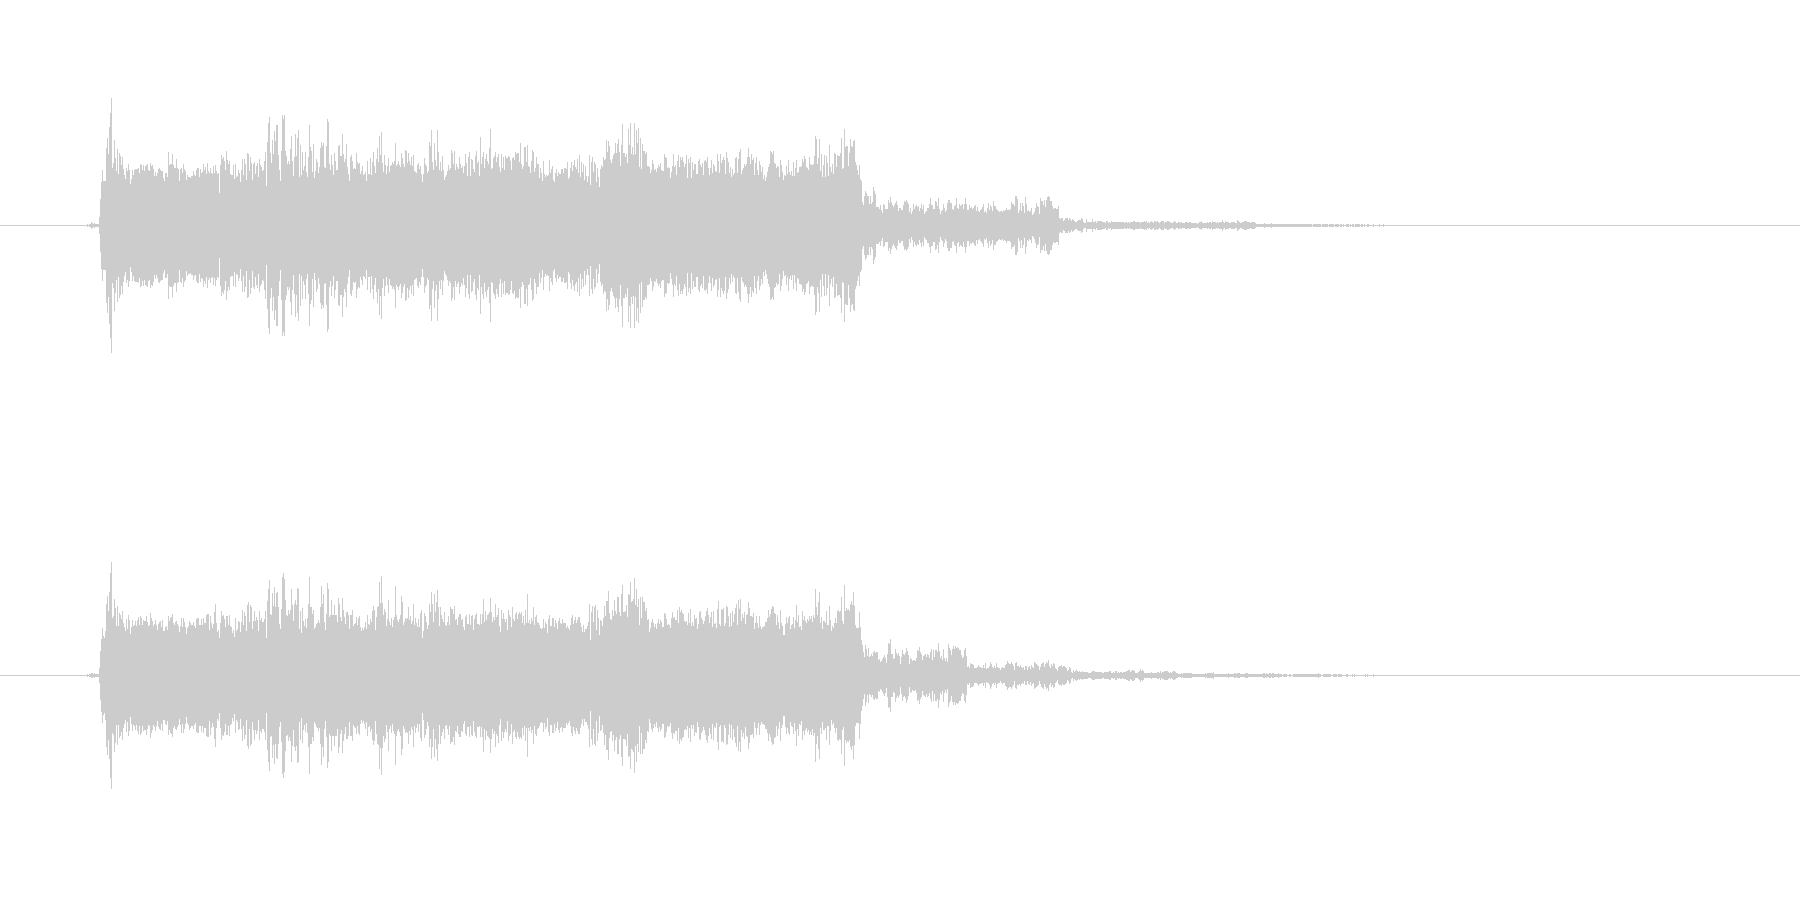 おしゃれギターサウンド(ジングル、転換)の未再生の波形